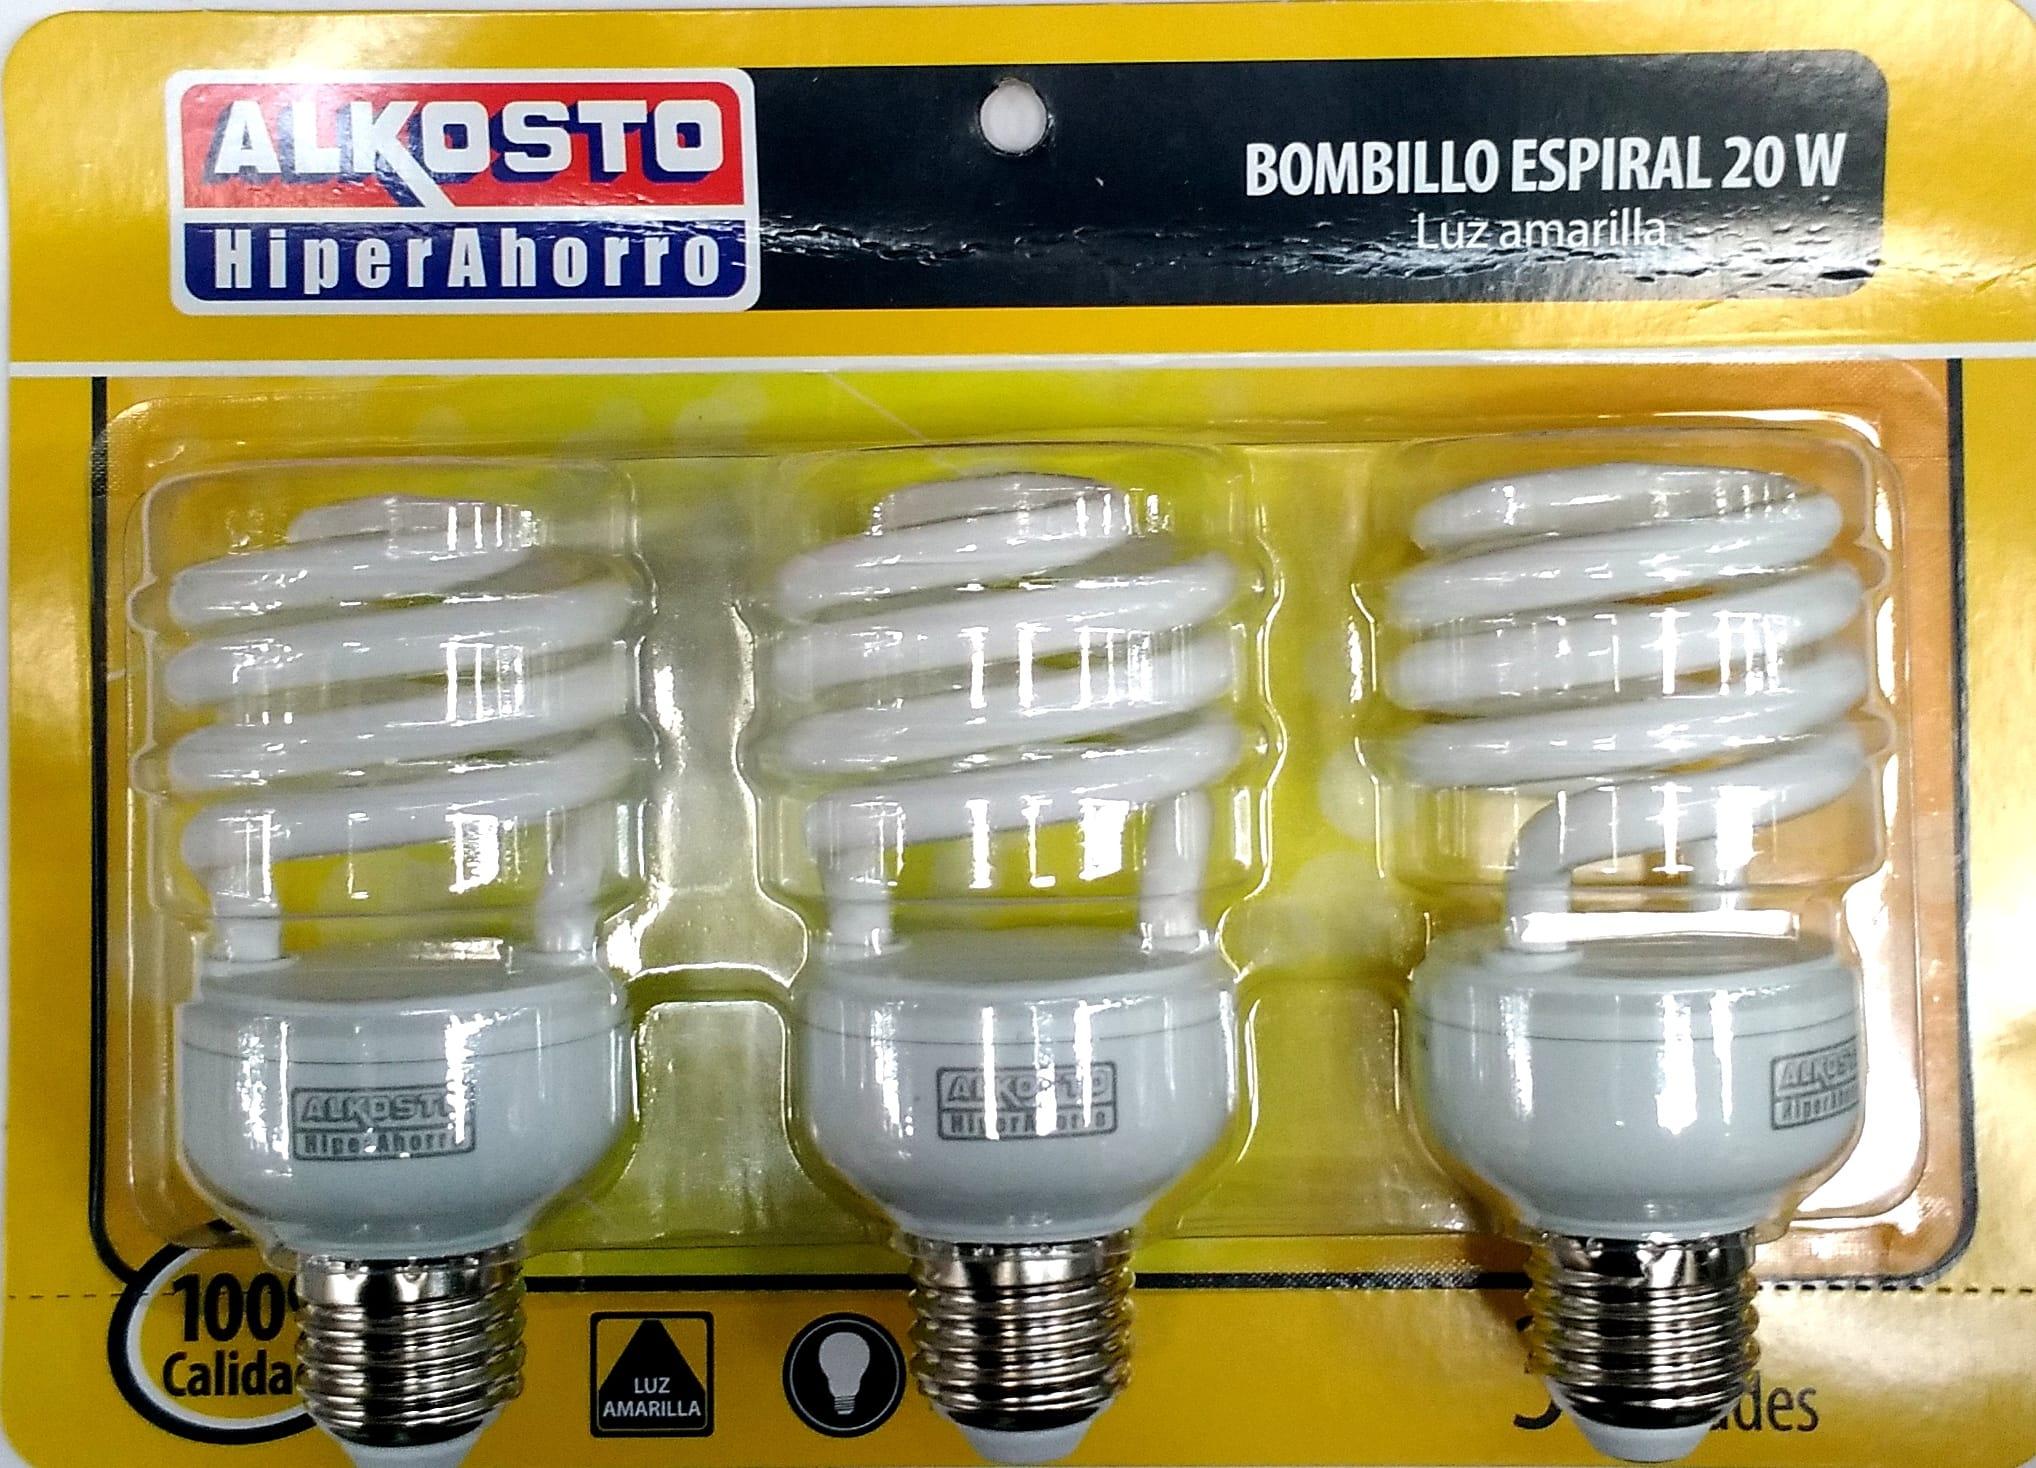 Bombillo Espiral Alkosto 20w luz Amarilla Blix3